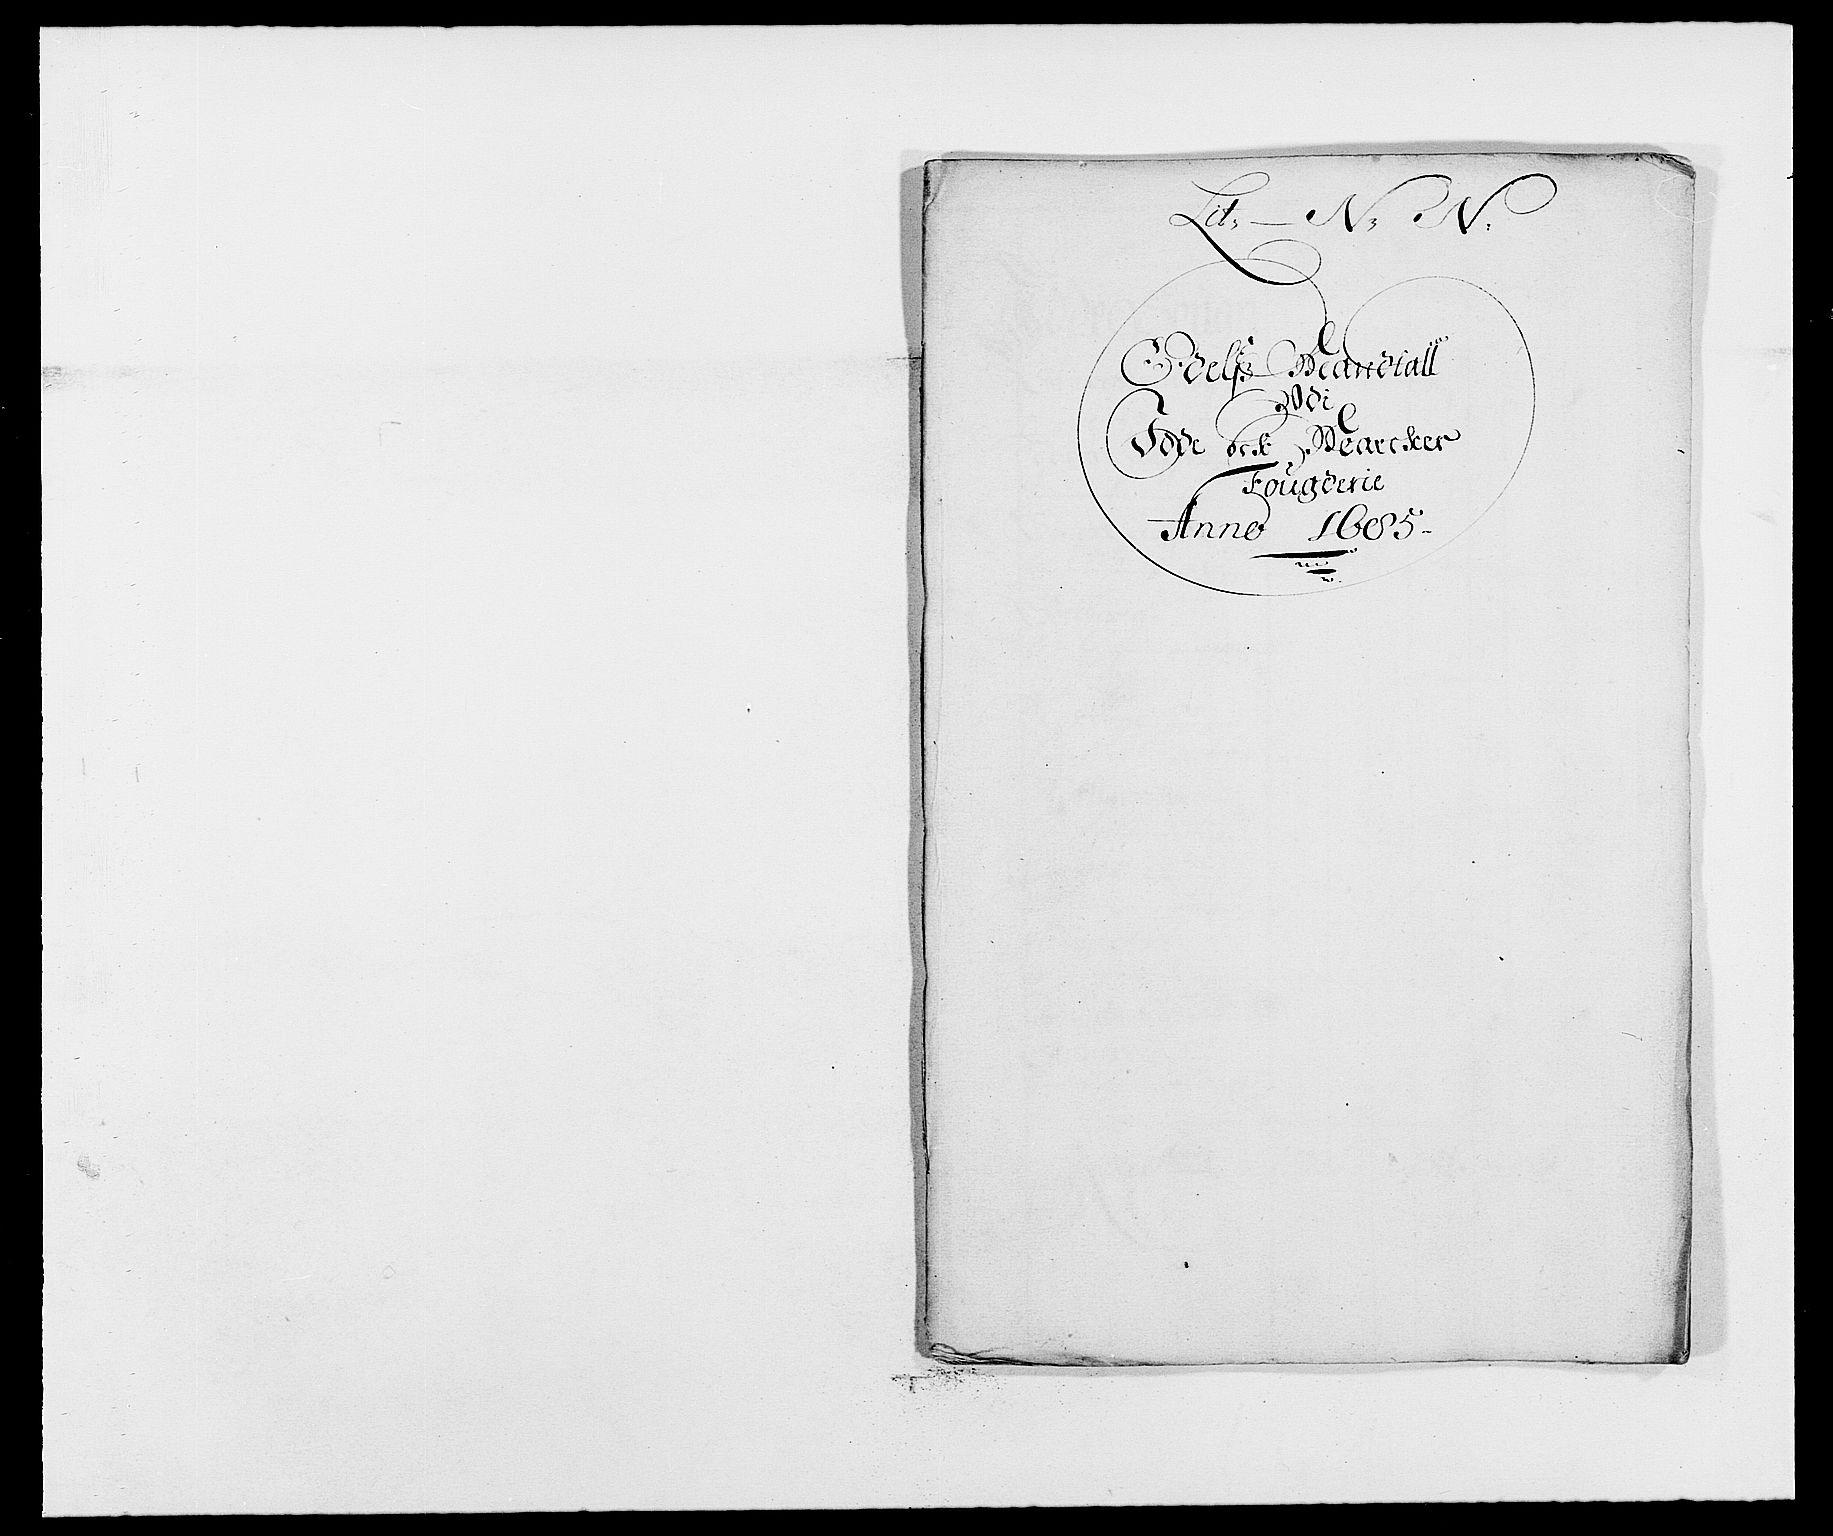 RA, Rentekammeret inntil 1814, Reviderte regnskaper, Fogderegnskap, R01/L0006: Fogderegnskap Idd og Marker, 1685-1686, s. 136